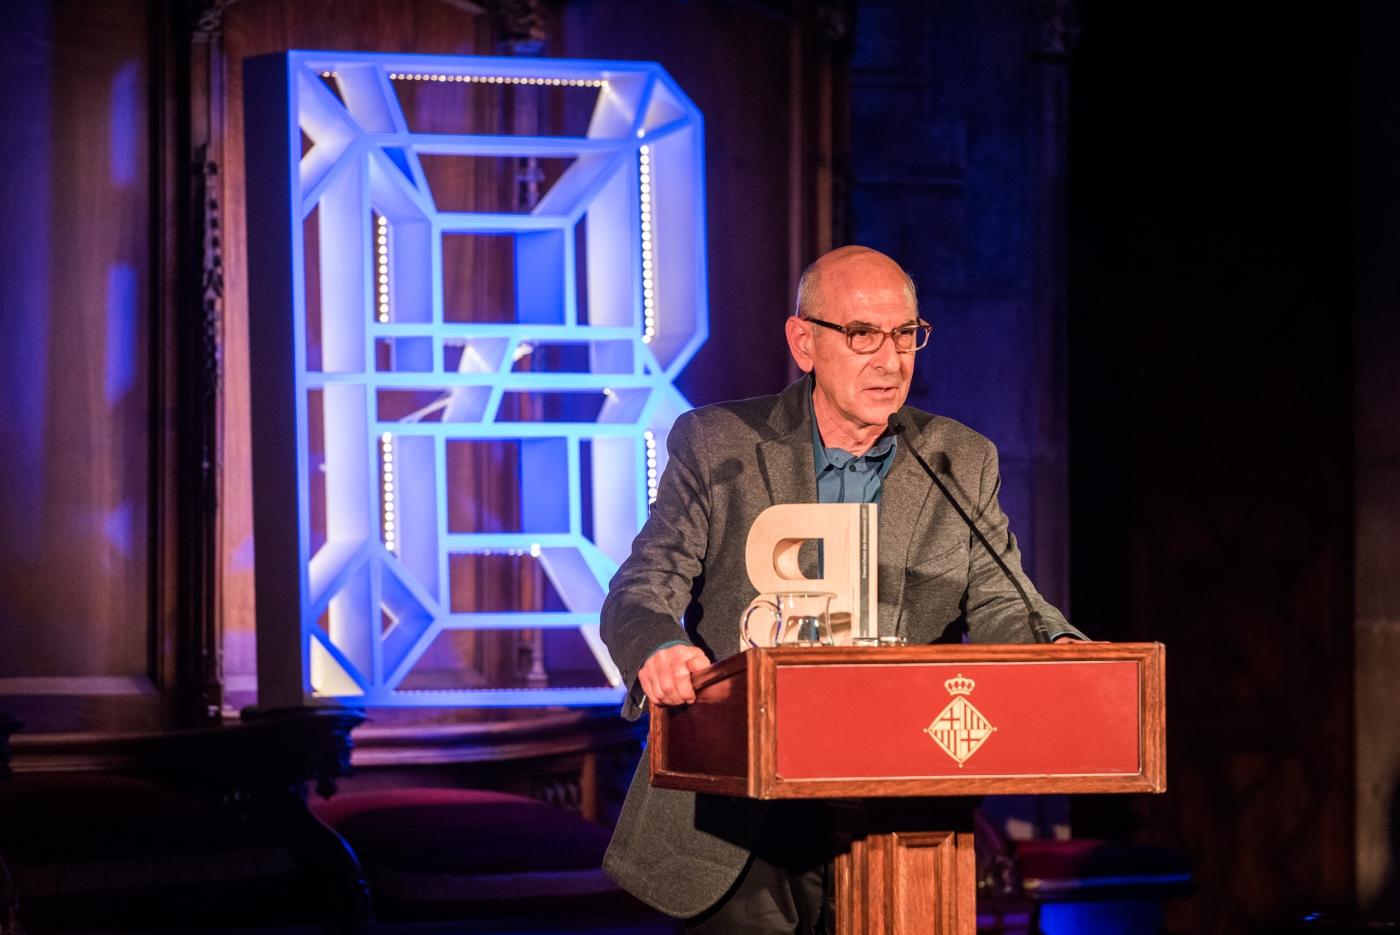 Juan Luis Ramos - Premi Ciutat de Barcelona de Literatura en llengua castellana 2017